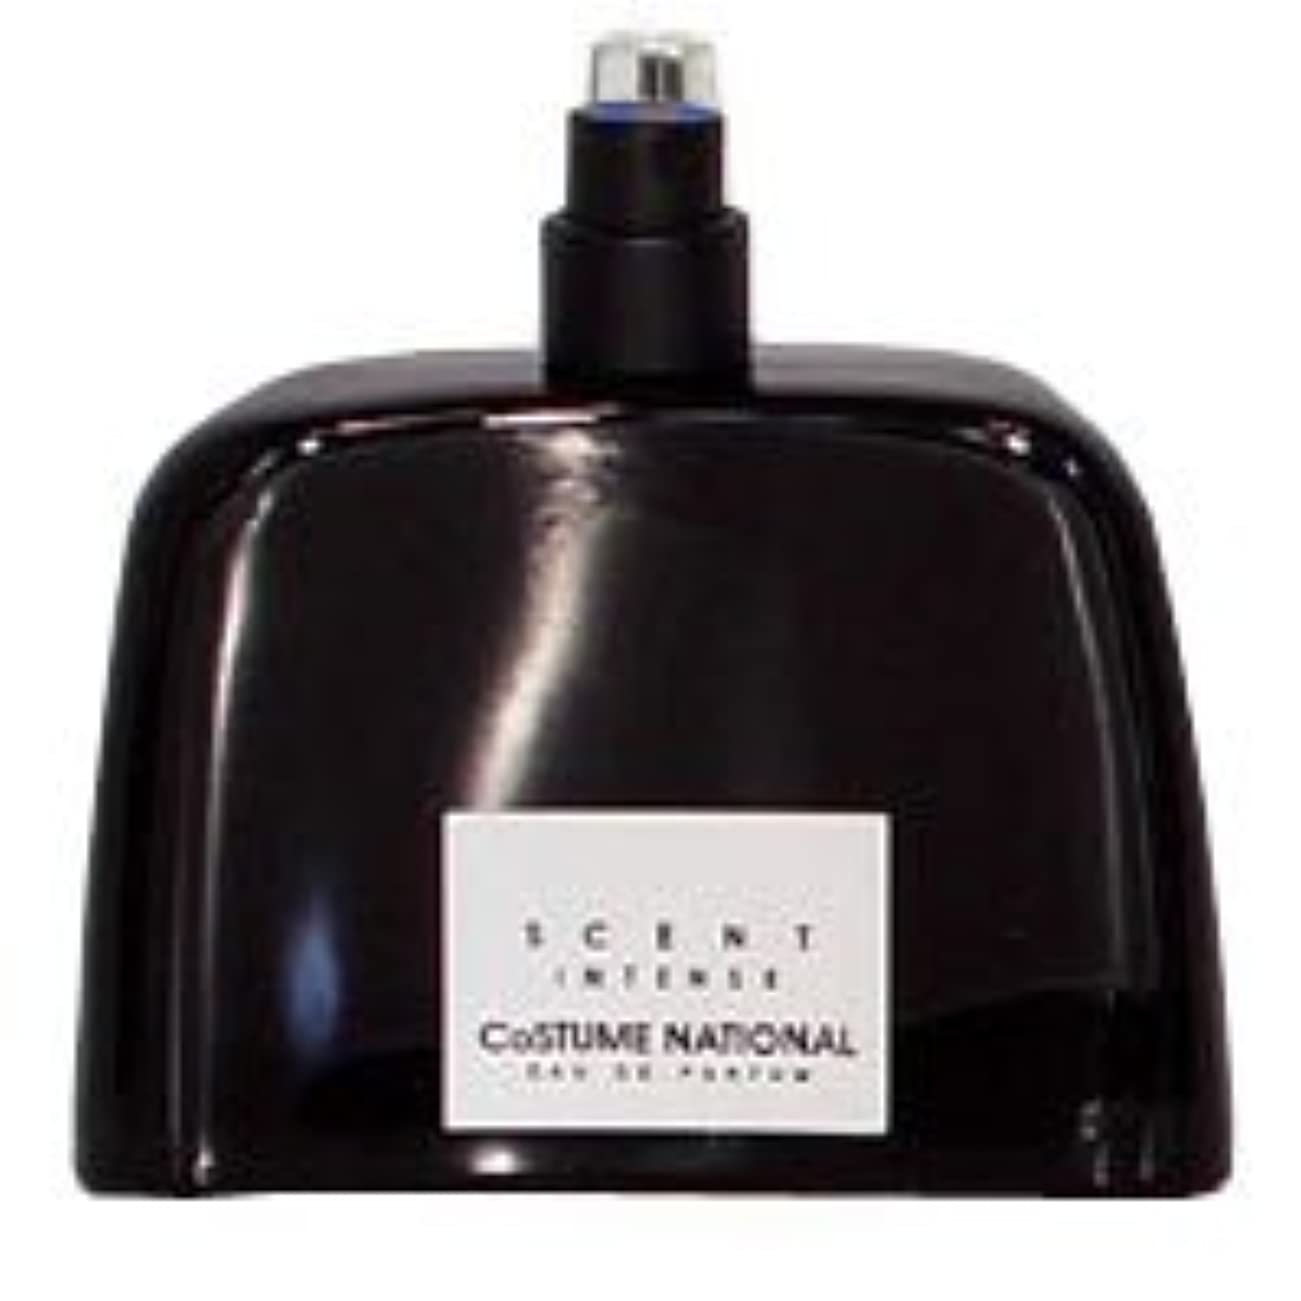 申し込む溢れんばかりのバンScent Intense (セント インテンス) 3.4 oz (100ml) EDP by Costume National for Unisex